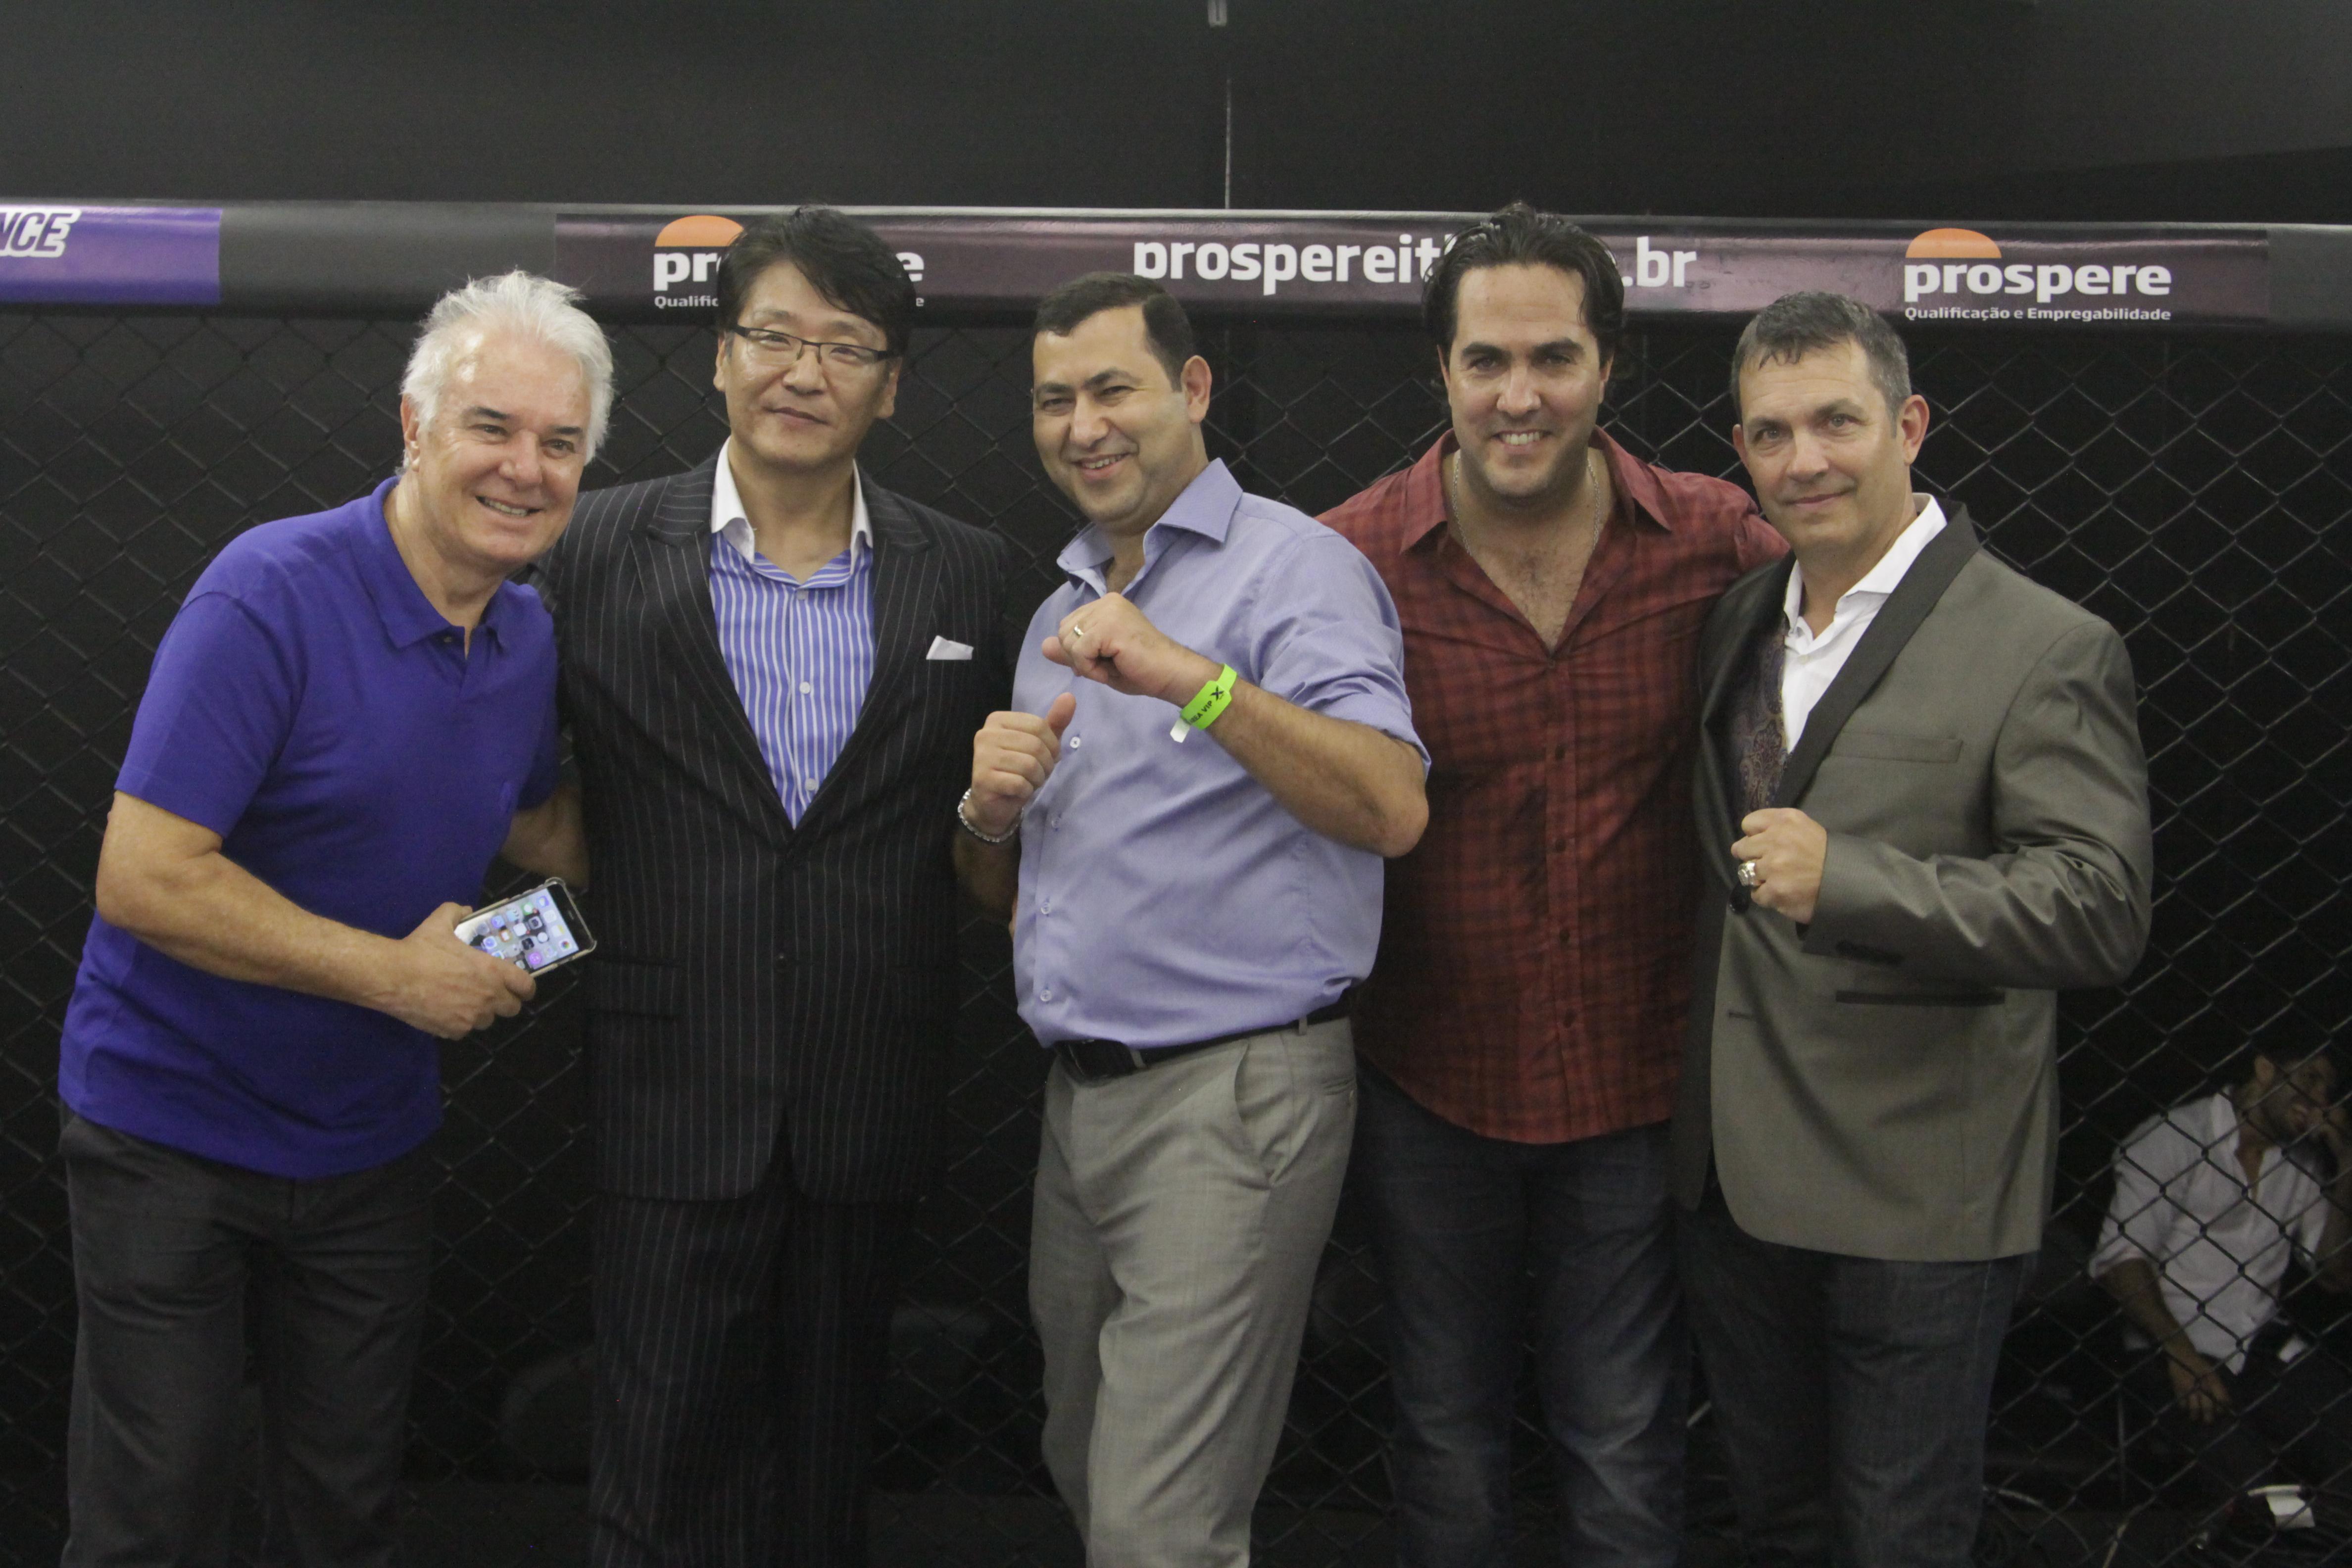 Prospere vai oferecer cursos gratuitos a lutadores do XFC (Foto: Divulgação/Fusion Photography)